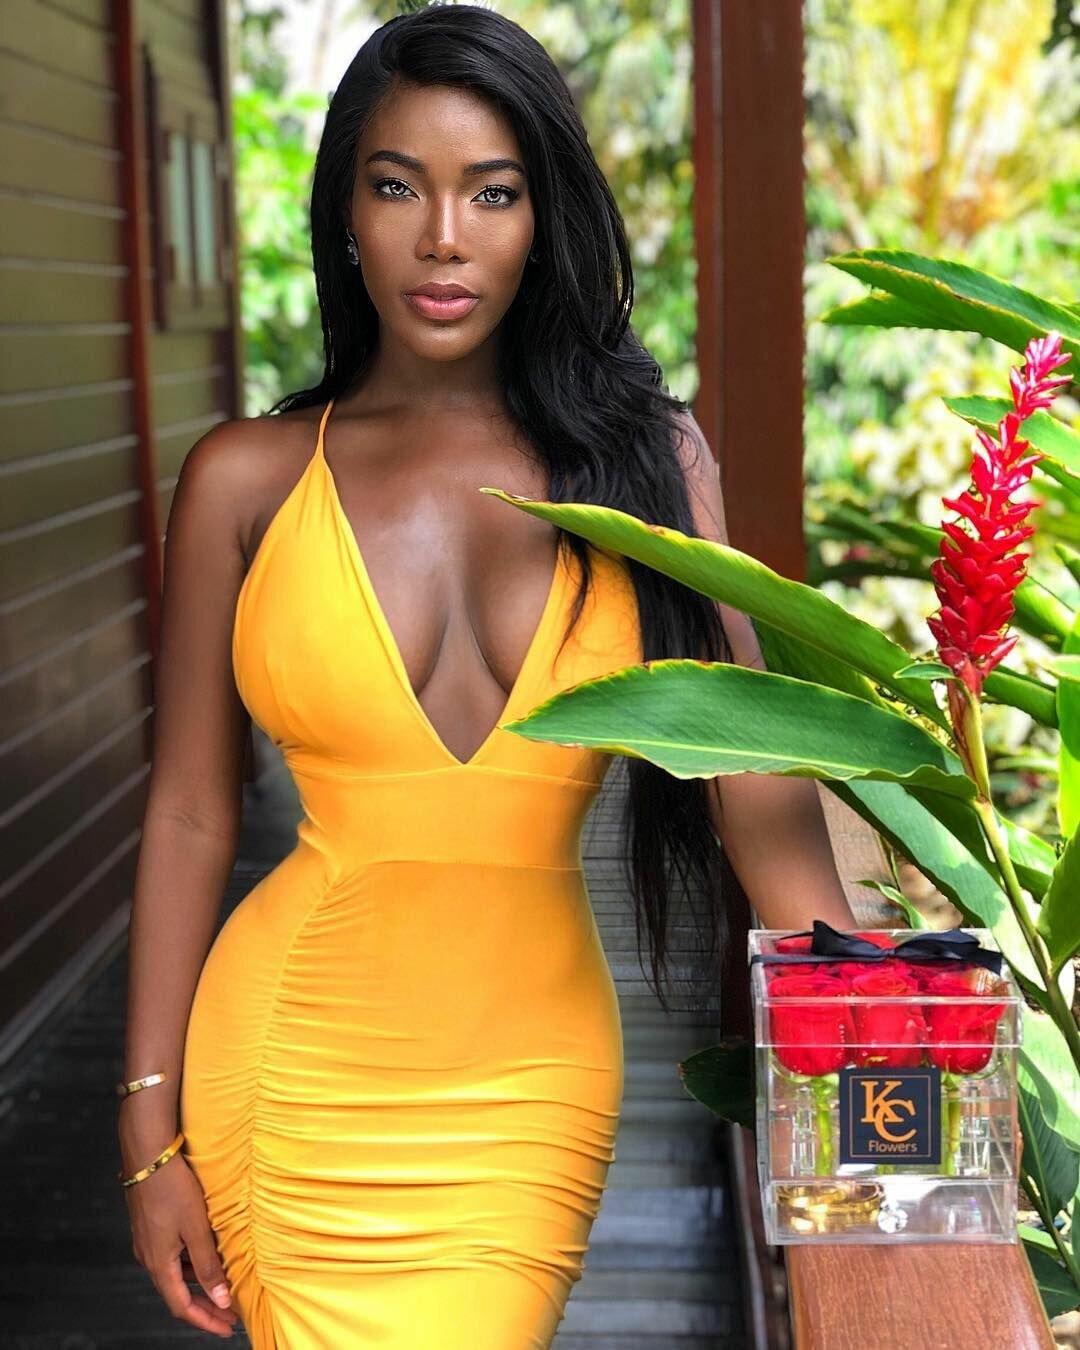 ebony-thumbnail-gallery-post-wife-house-xxx